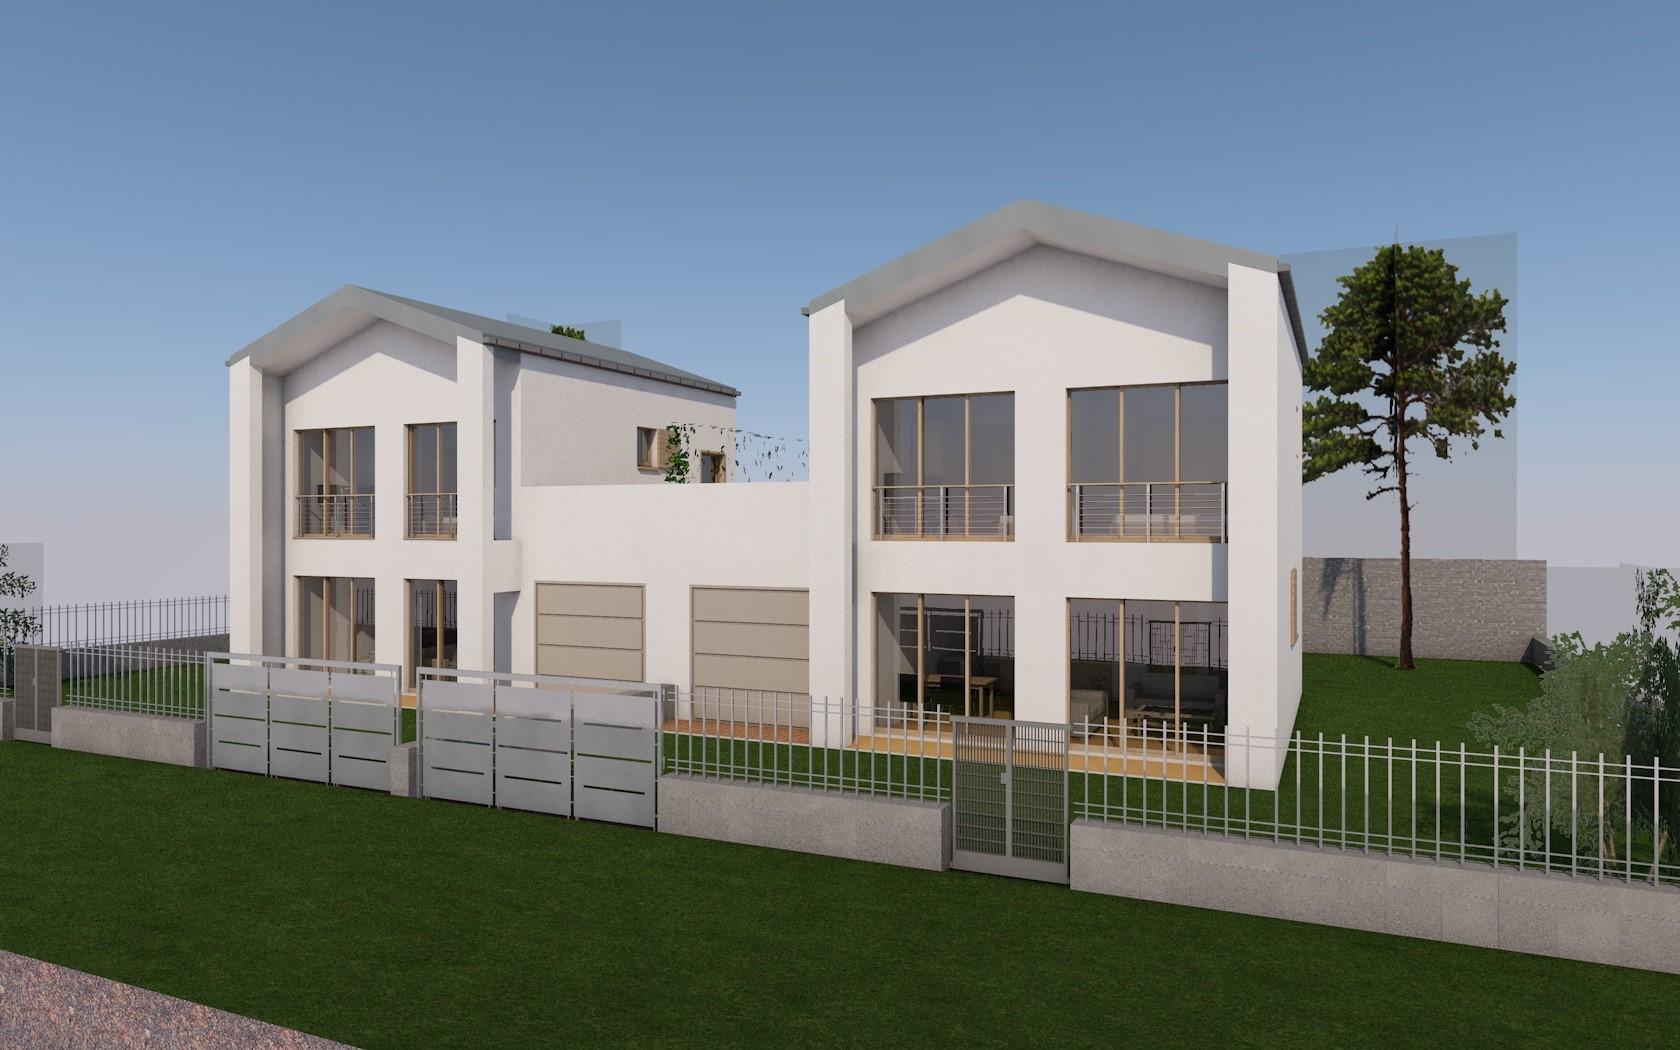 Cool progetto villa bifamiliare with progetto villa singola for Villa moderna progetto